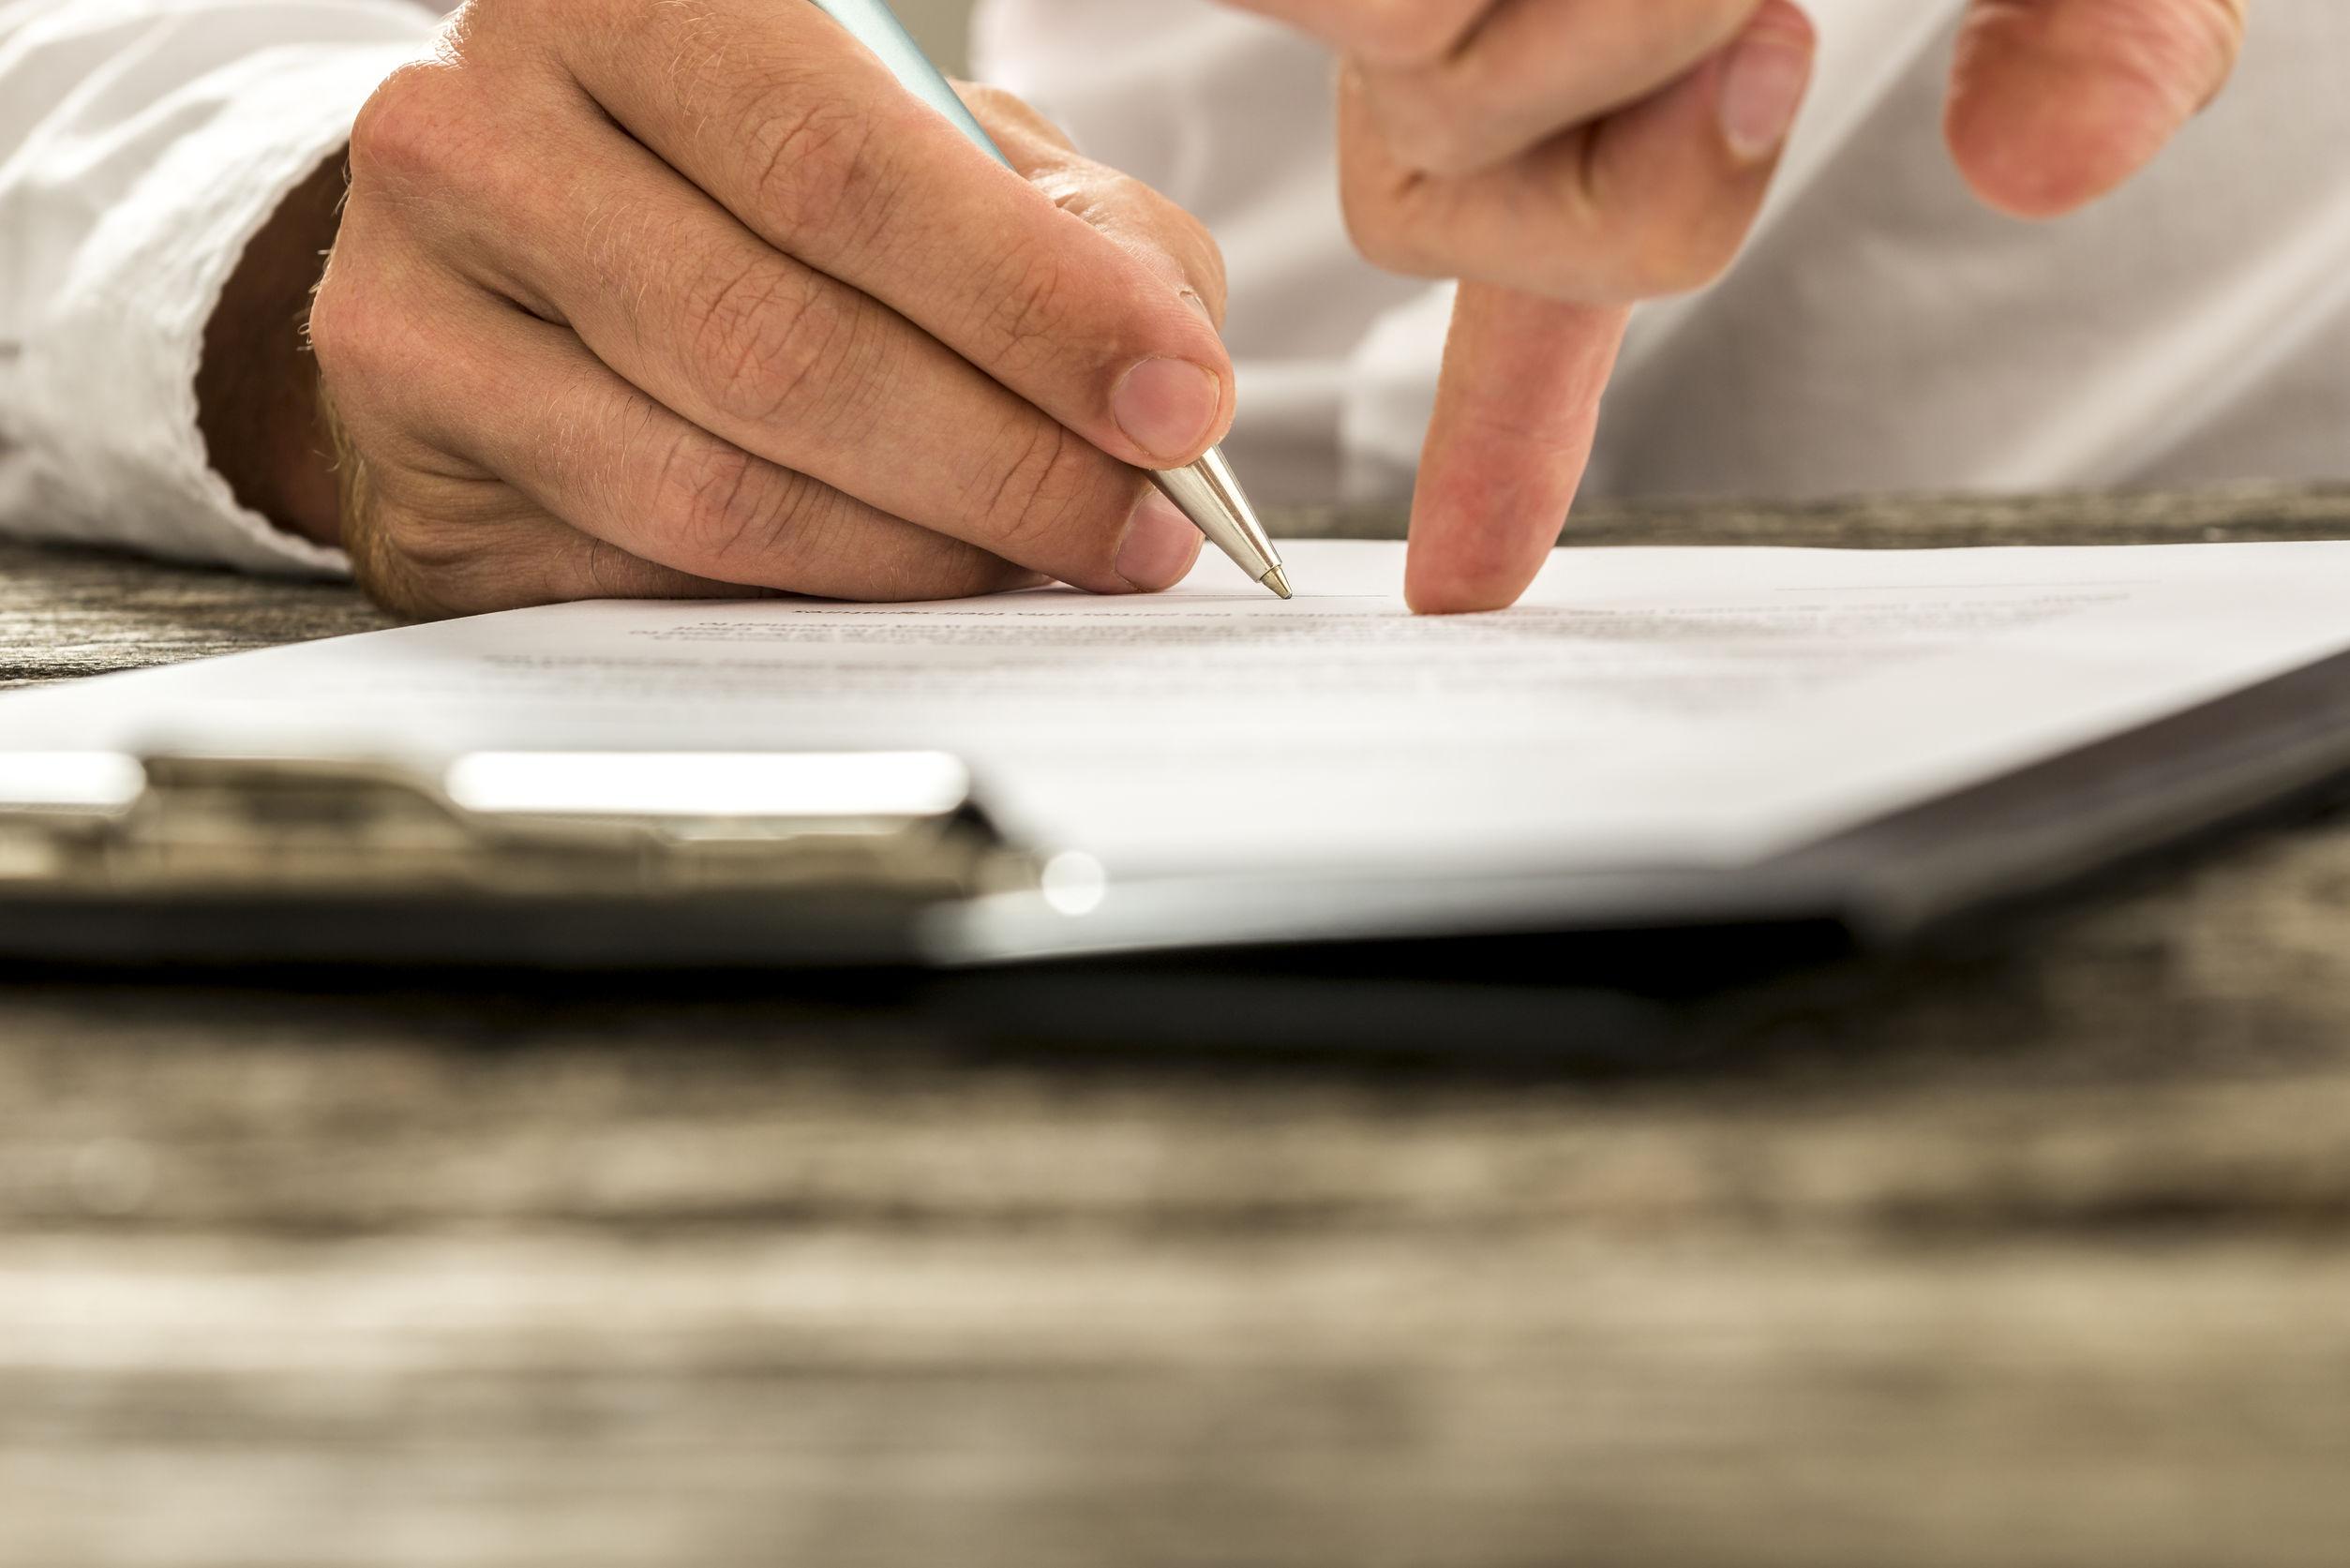 Документи сделка с недвижим имот, изповядване на сделка пред Нотариус, прехвърляне недвижим имот пред Нотариус, подготовка на Нотариален акт, проверка на собственост пред Нотариус, адвокат преглед на документи недвижим имот